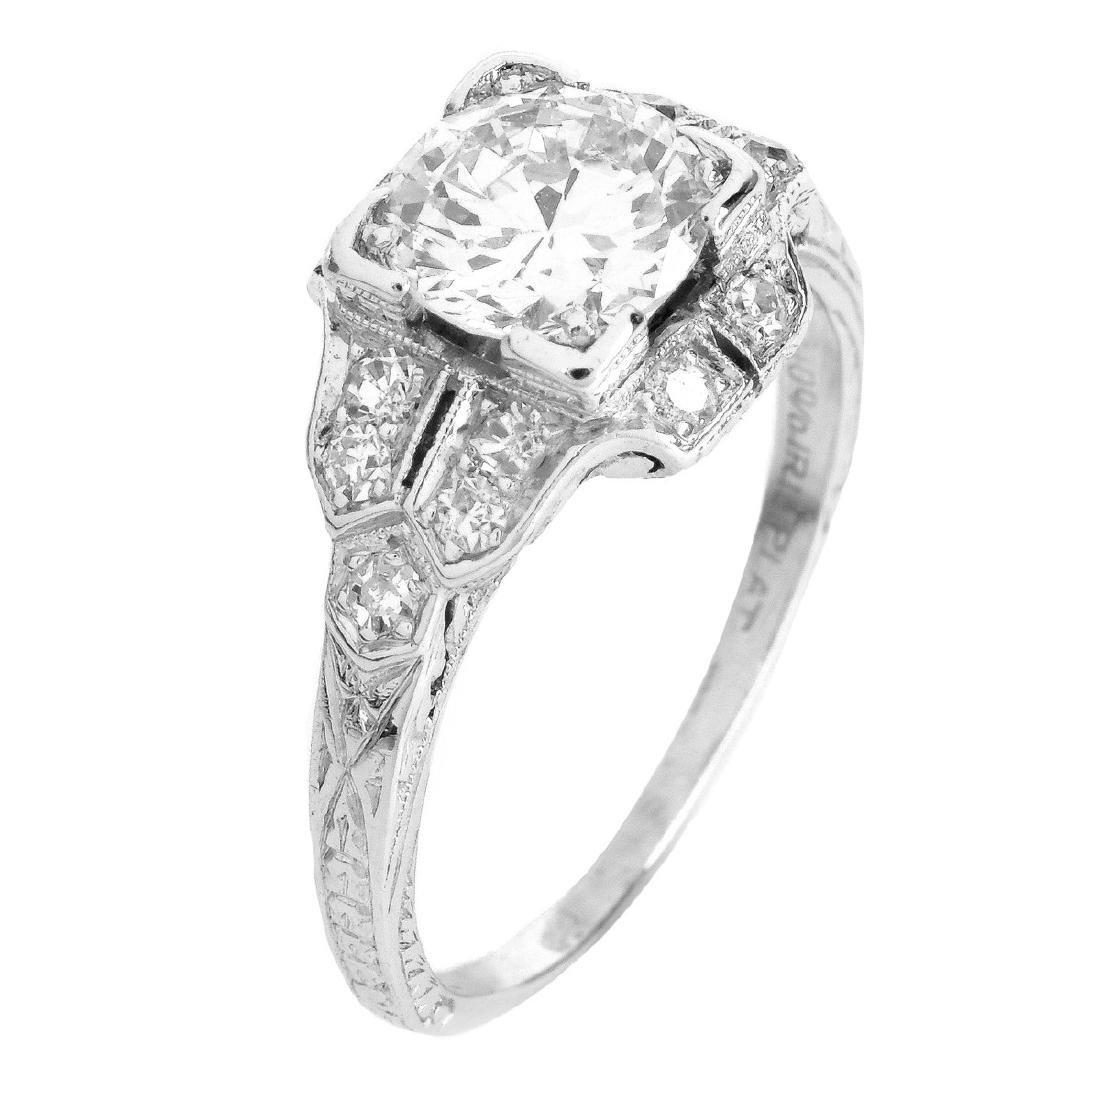 Art Deco 1.30 Carat TW Diamond and Platinum Ring